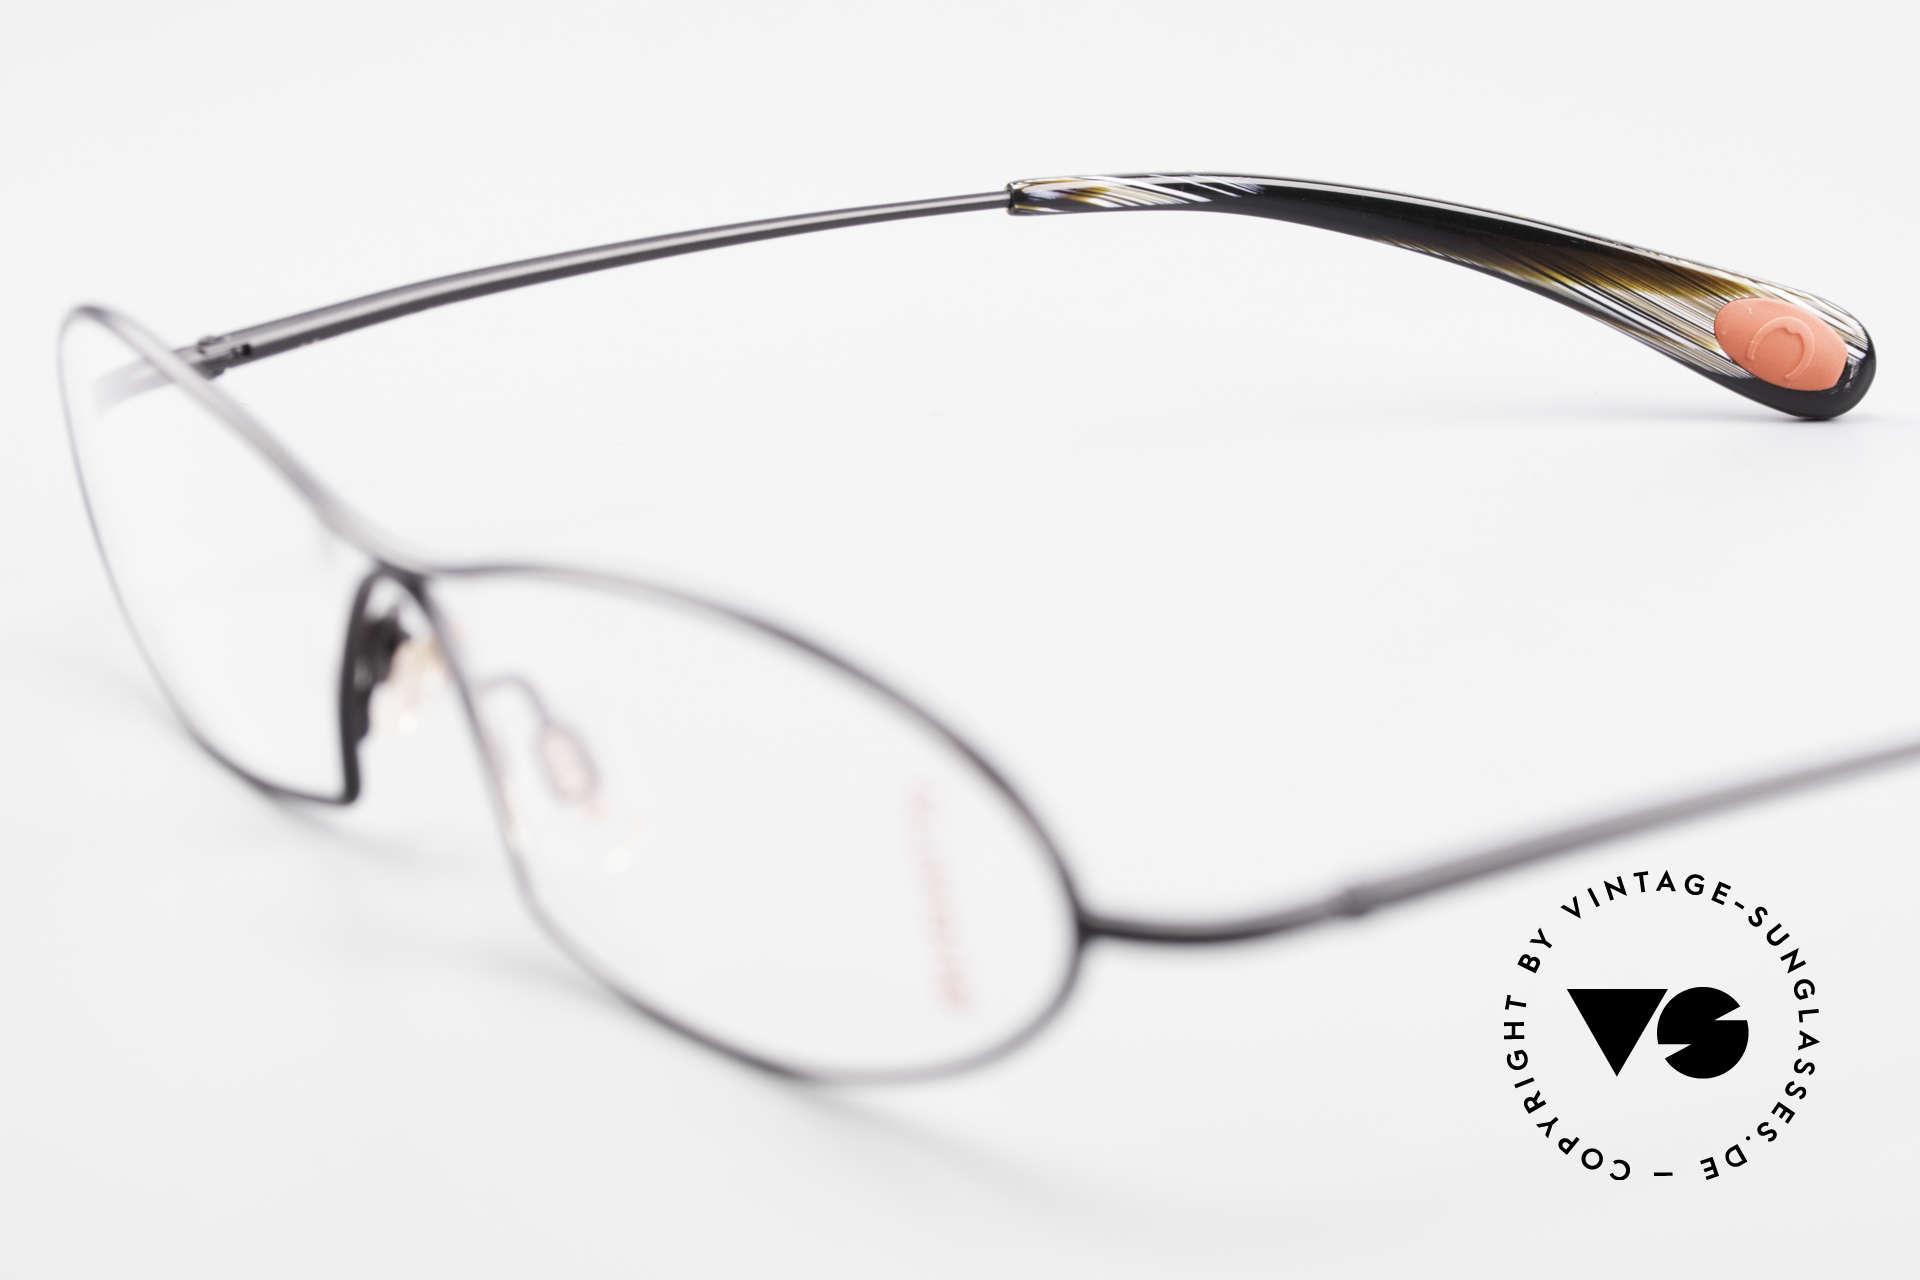 Bugatti 343 Odotype Vintage Designer Brille Herren, Modell als Brille oder Sonnenbrille verglasbar, Passend für Herren